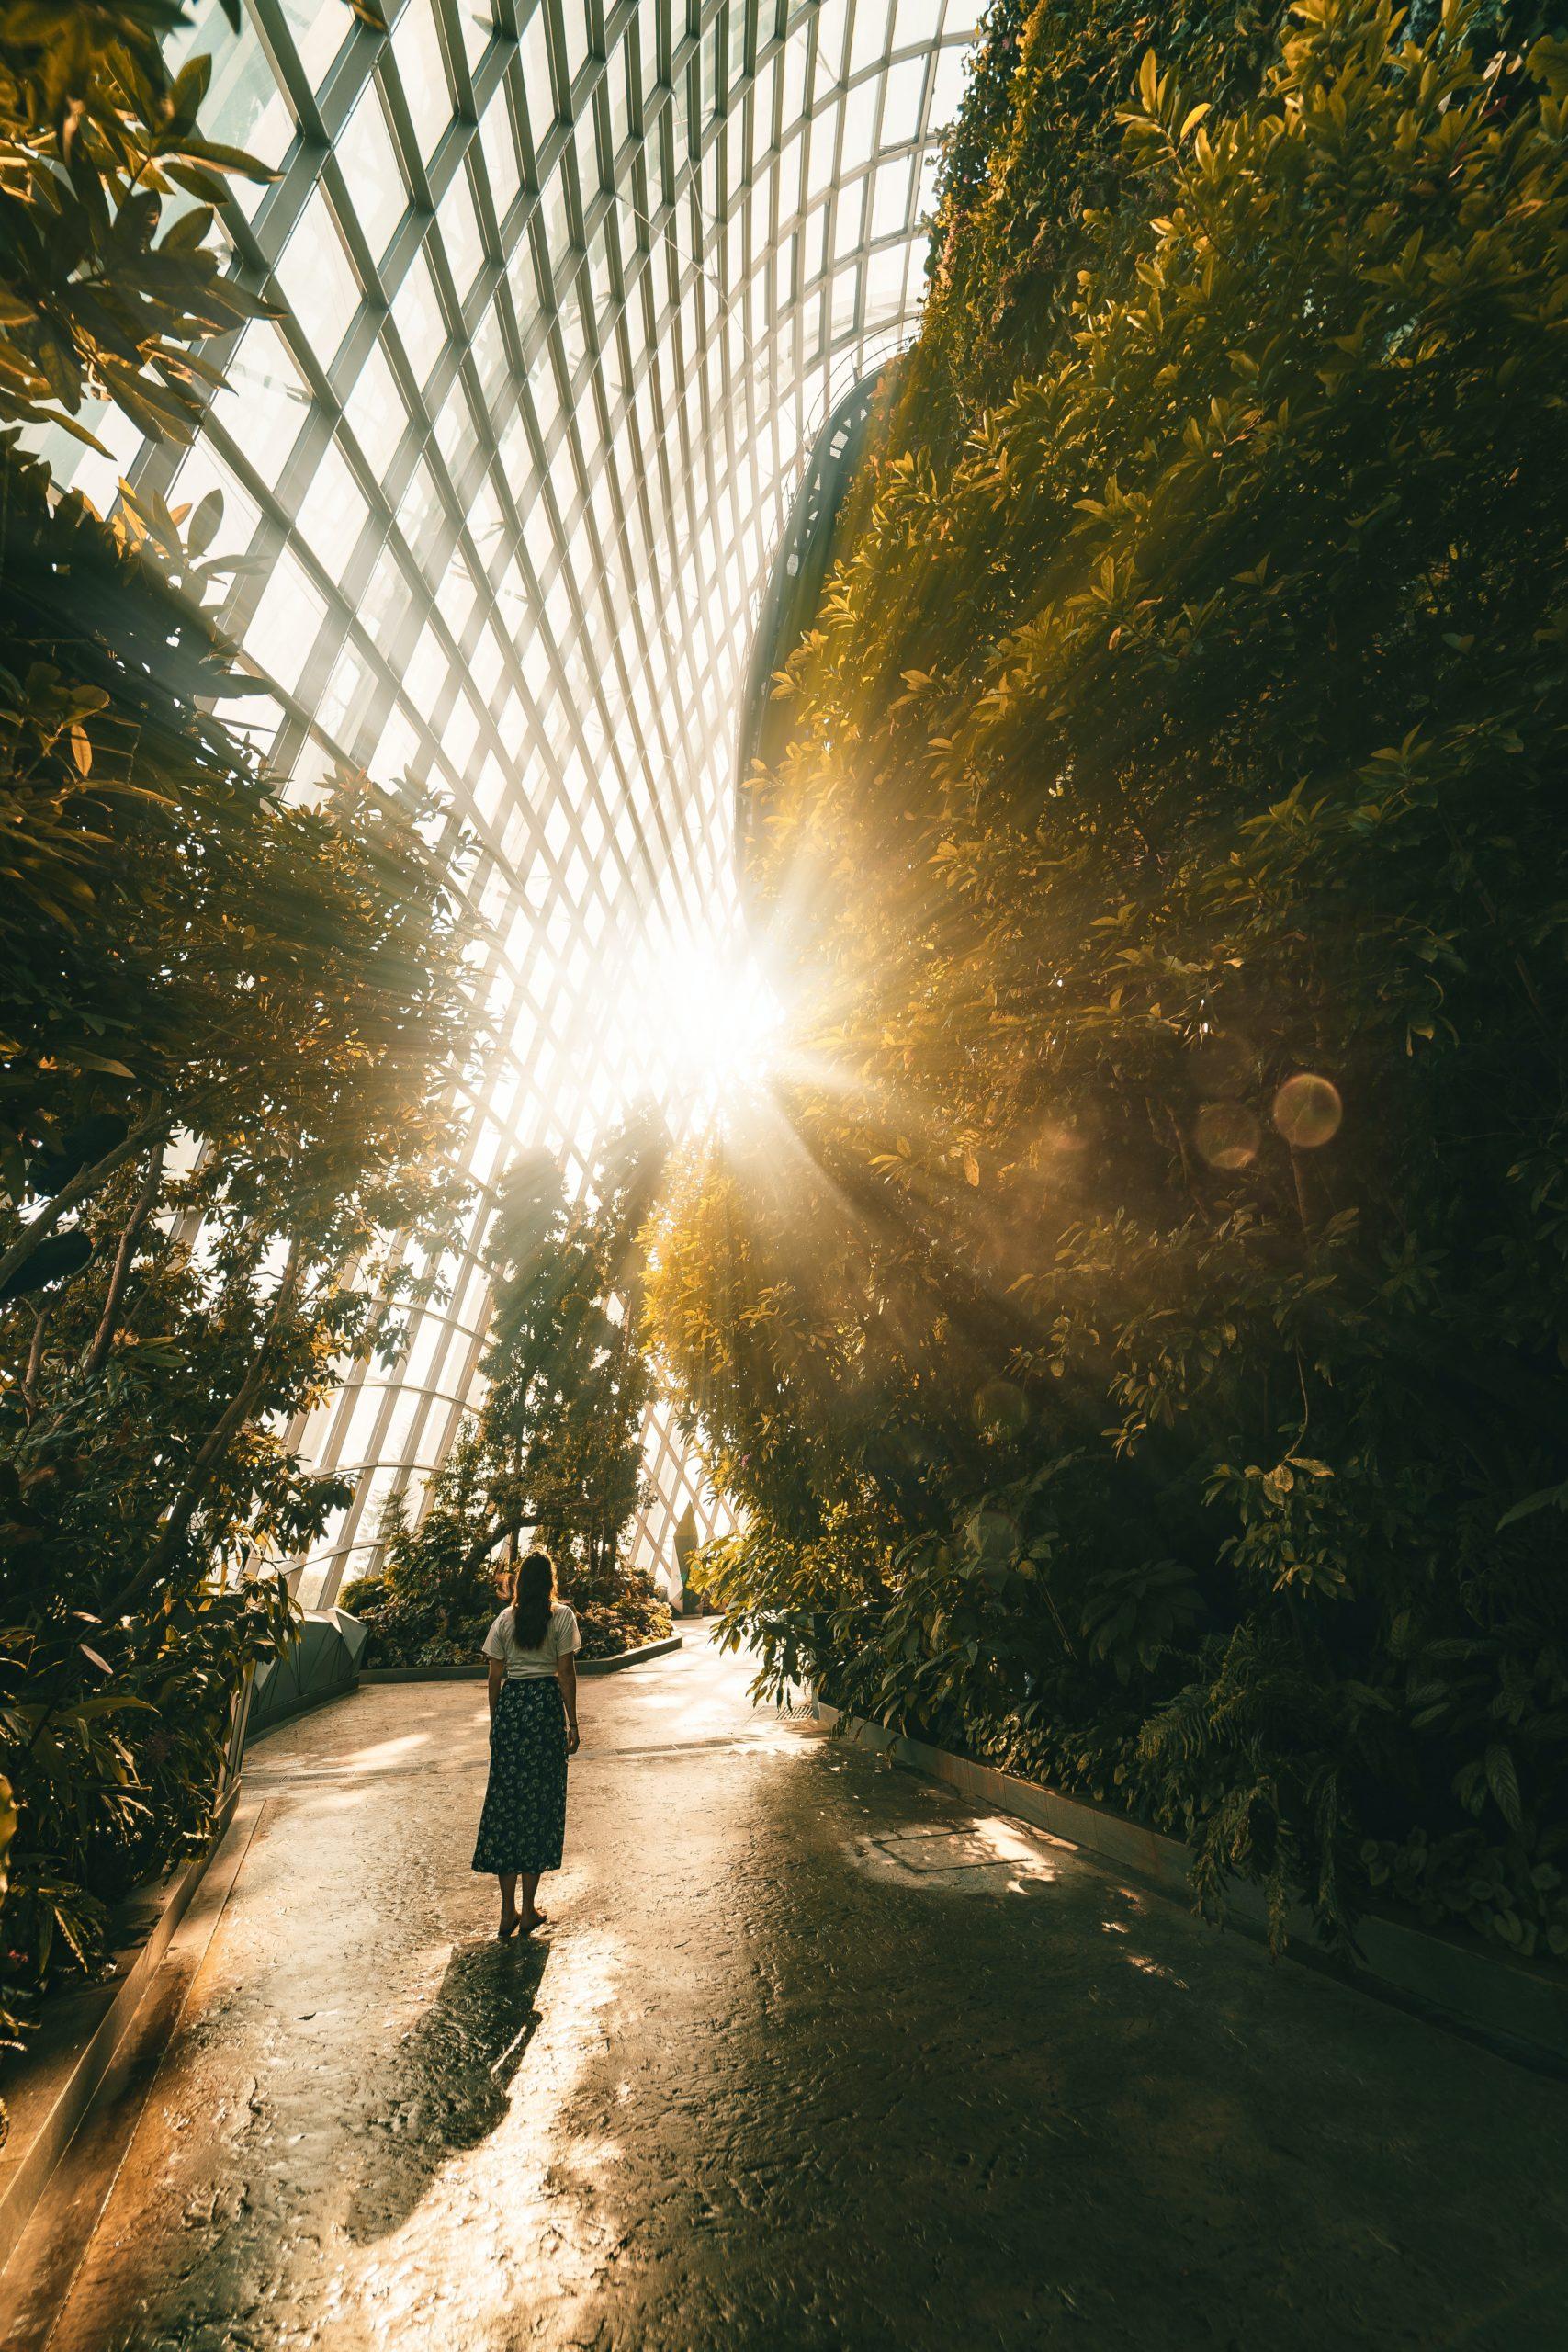 Singapour_cloud_forest_soleil_femme_serre_forêt